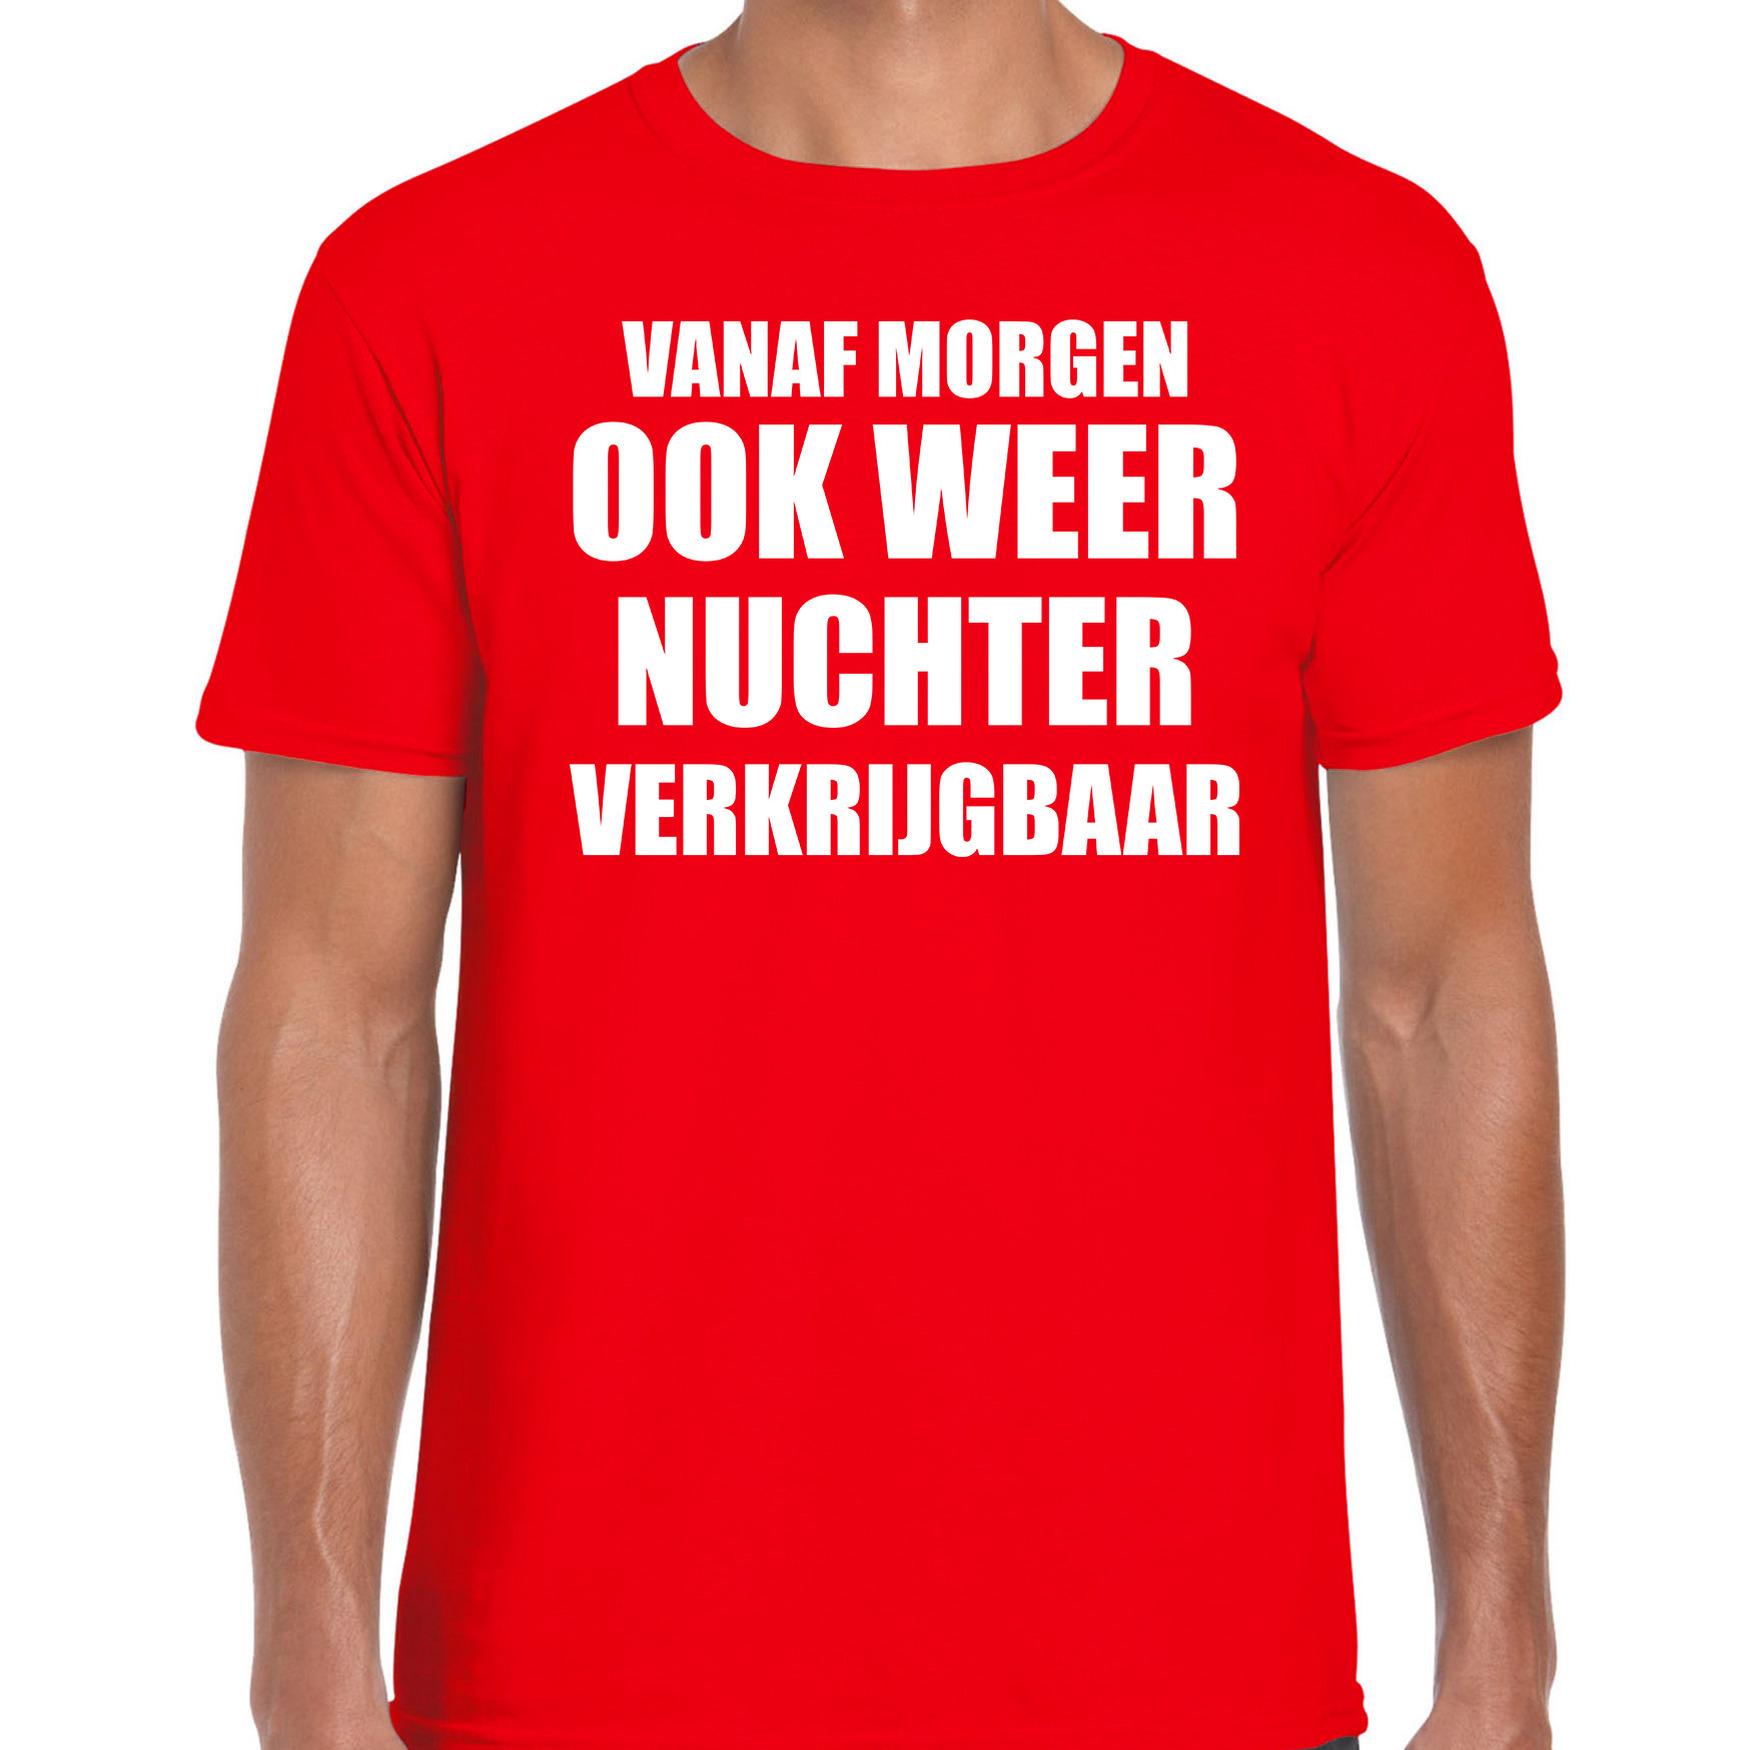 Feest t-shirt morgen nuchter verkrijgbaar rood voor heren S -